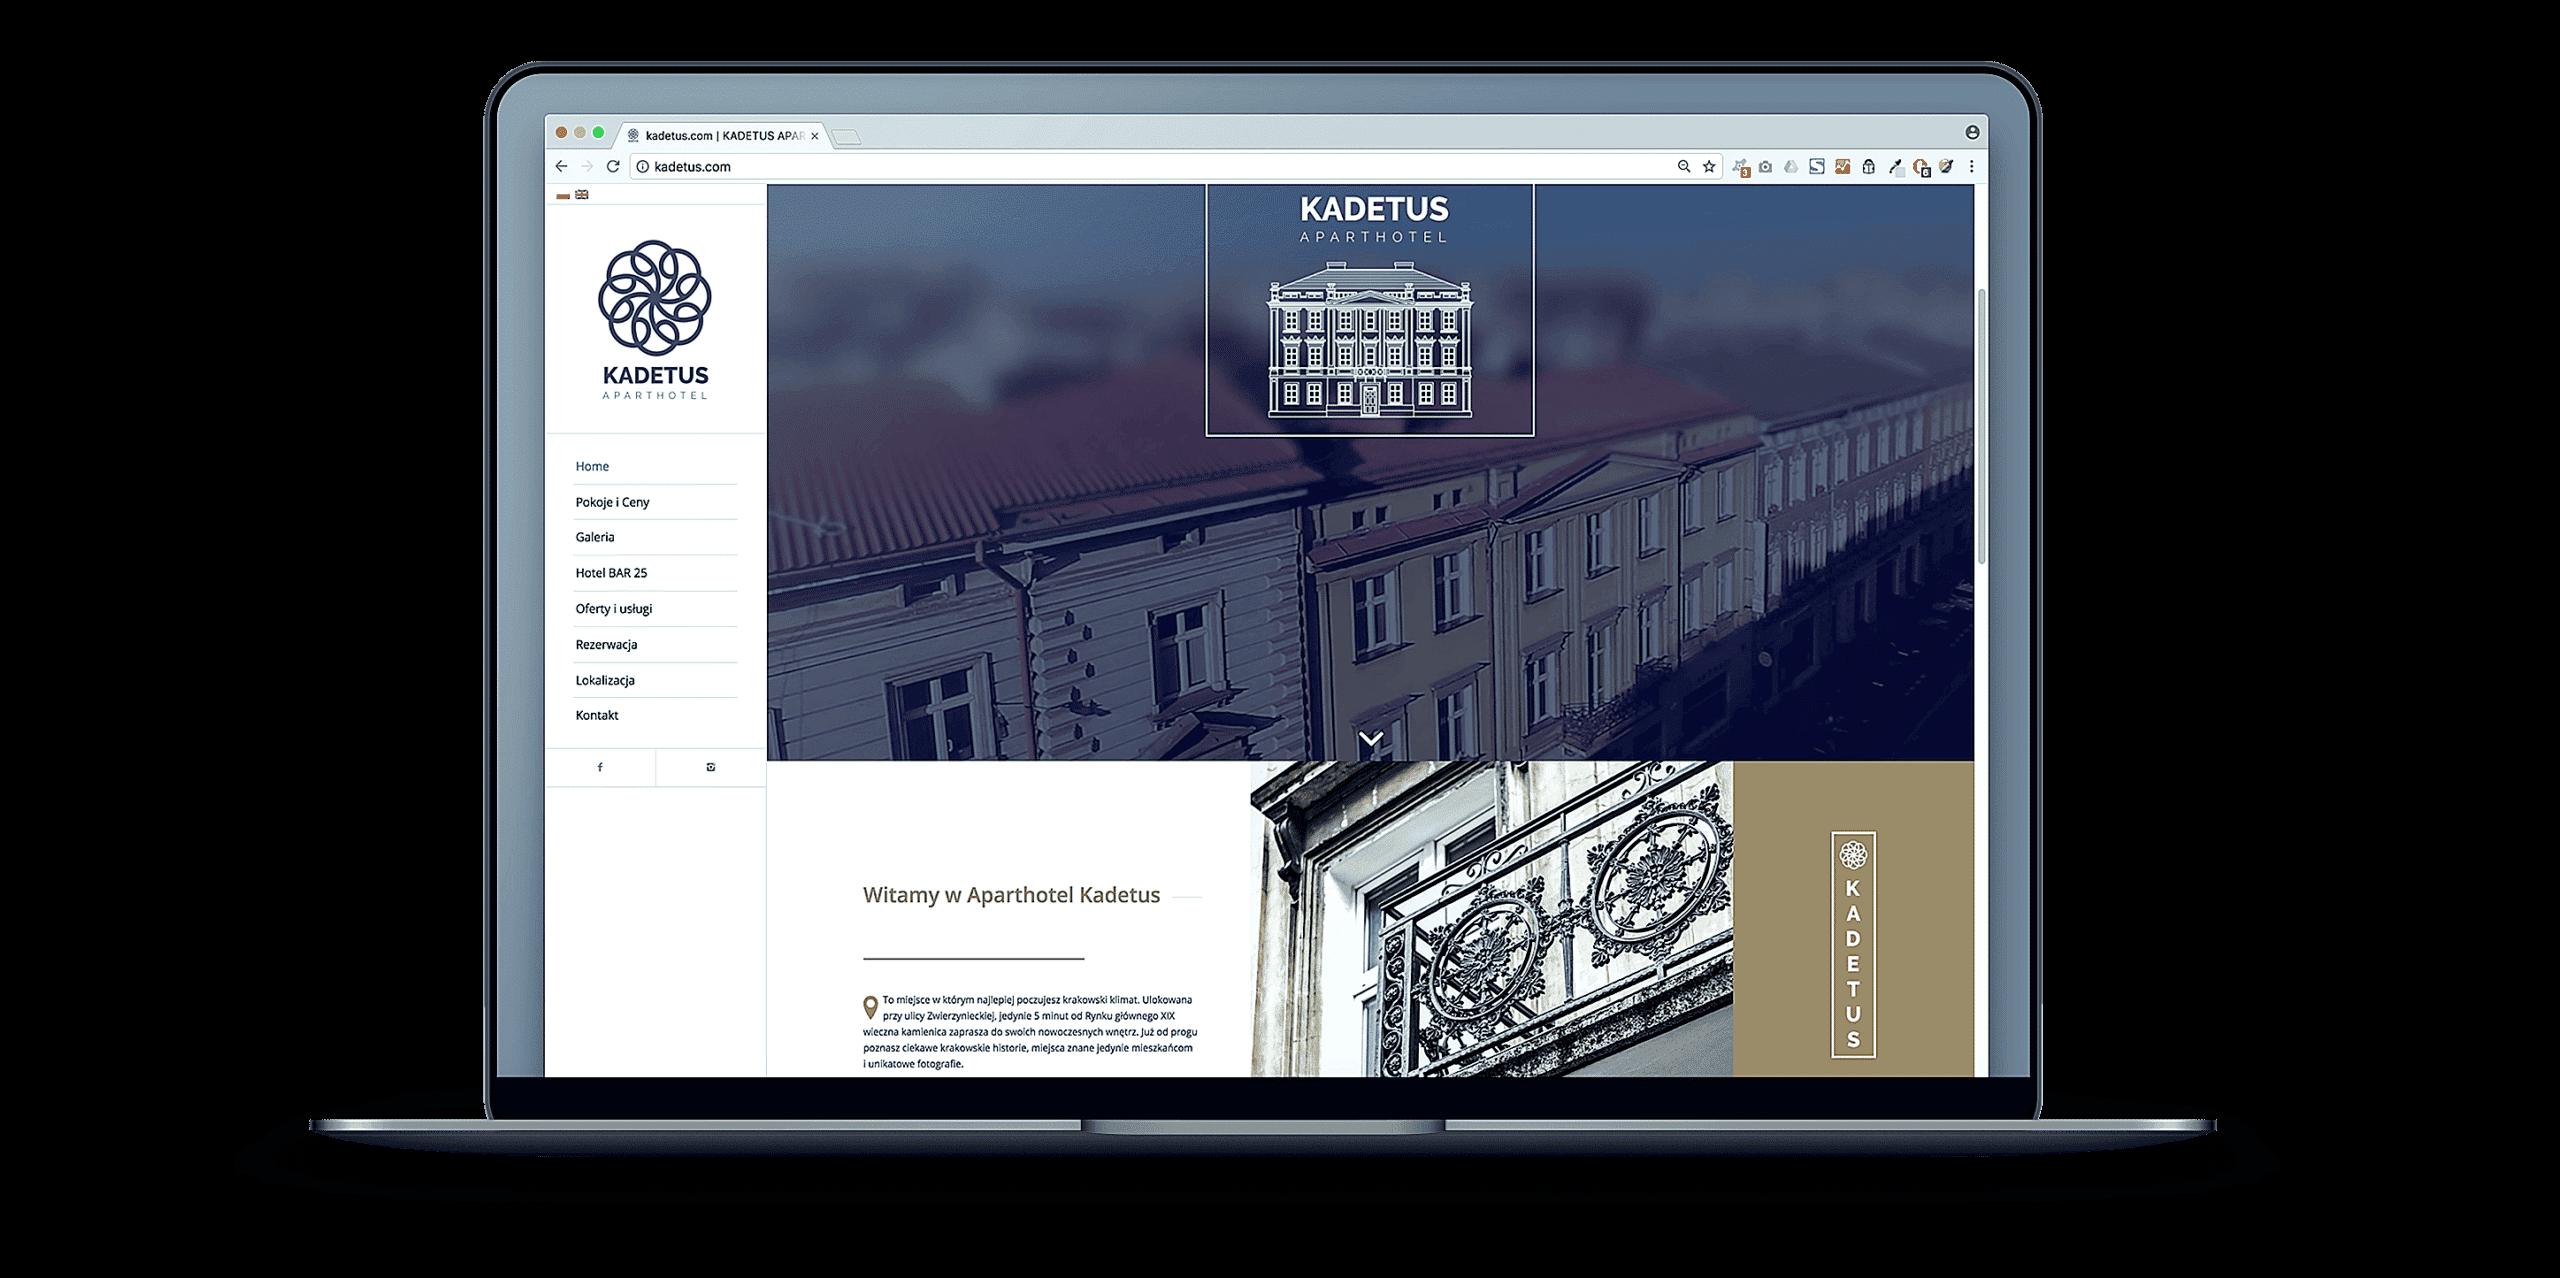 HELT-PORTFOLIO-KADETUS APARTHOTEL-webdesign-ux-ui